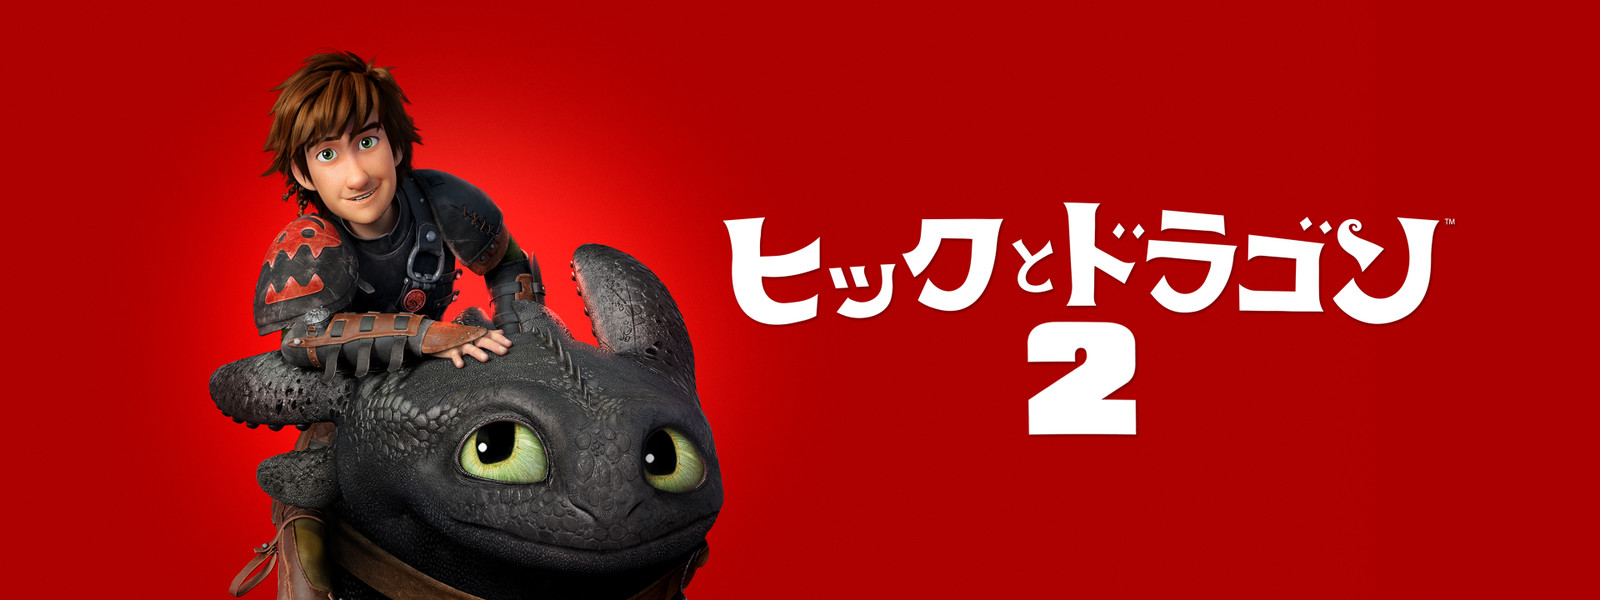 ヒックとドラゴン2(映画)画像